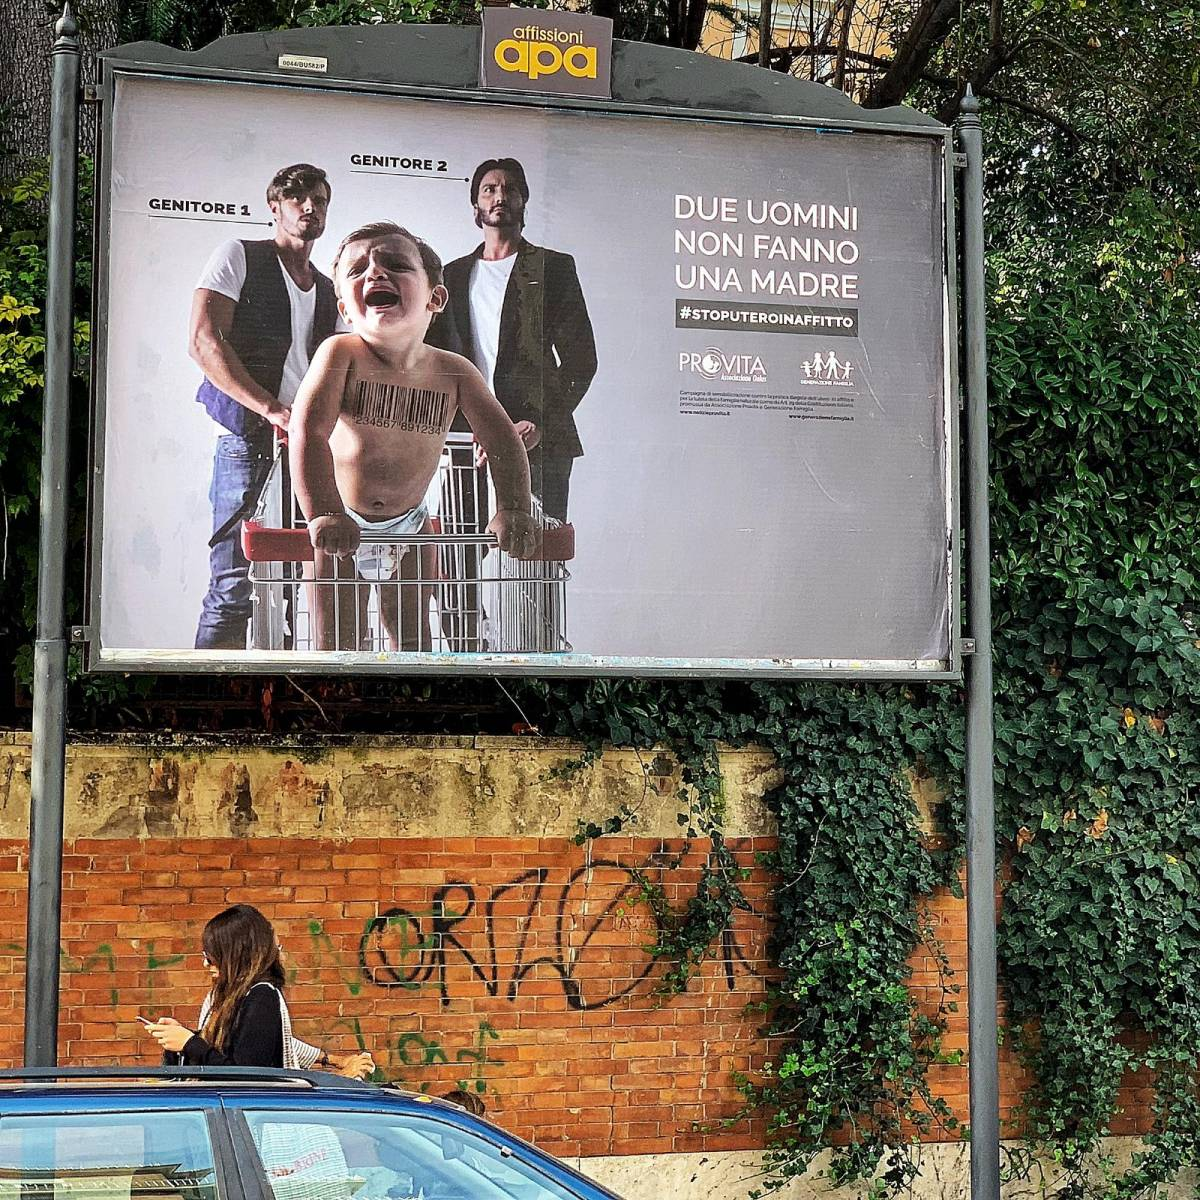 """La Raggi censura la """"campagna"""" pro vita ma finanzia il festival gay"""